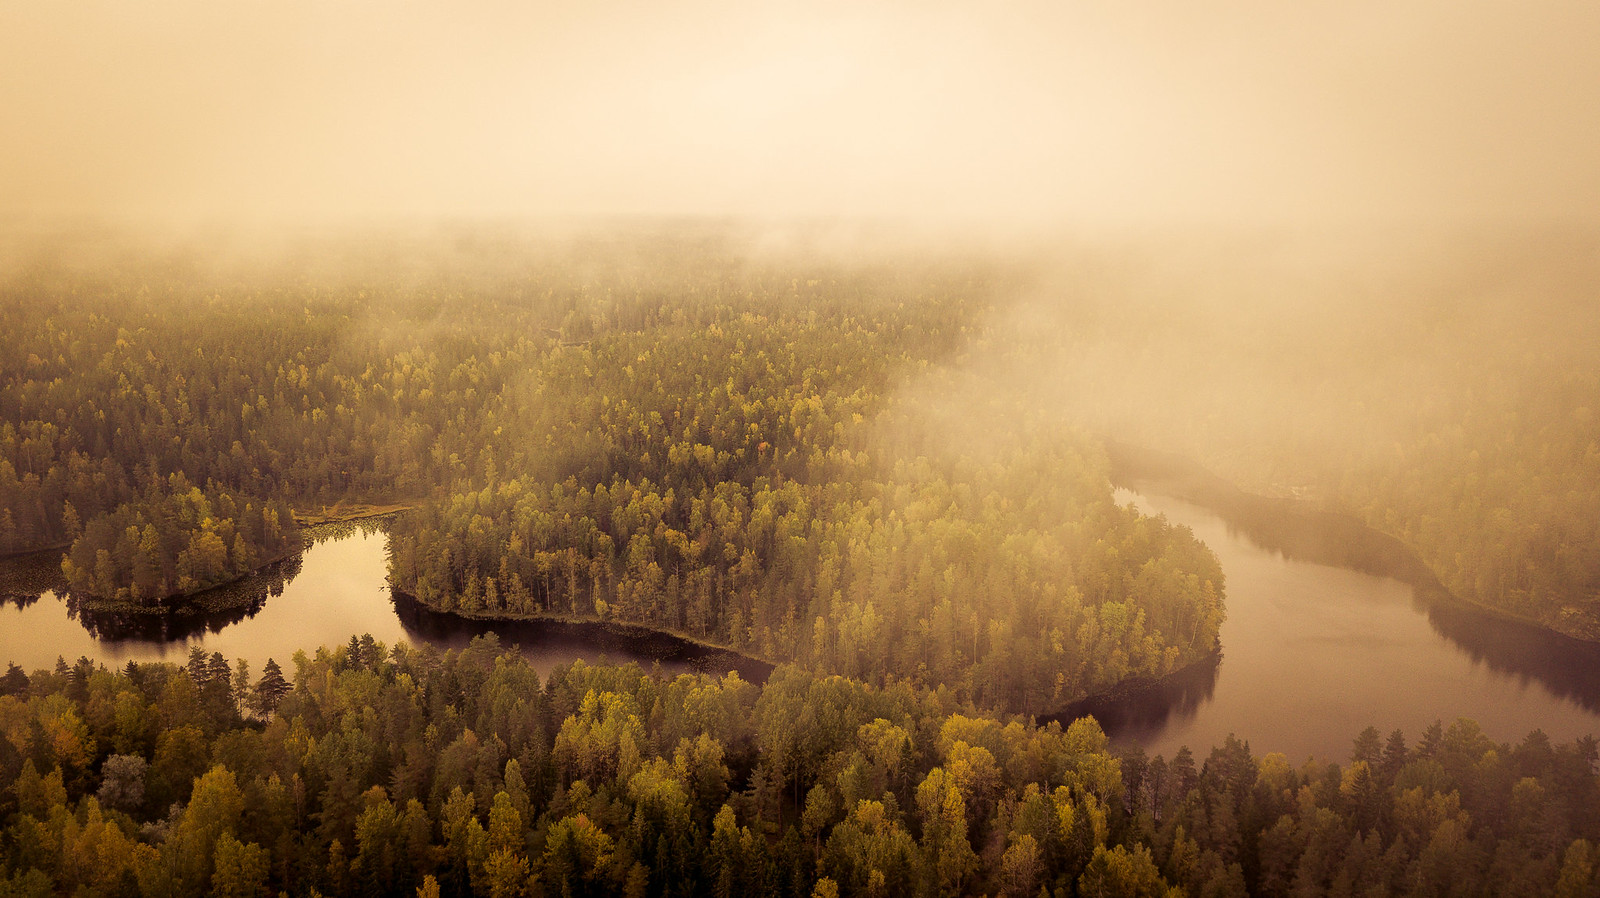 Metsiä, järviä – kaunista luontoa